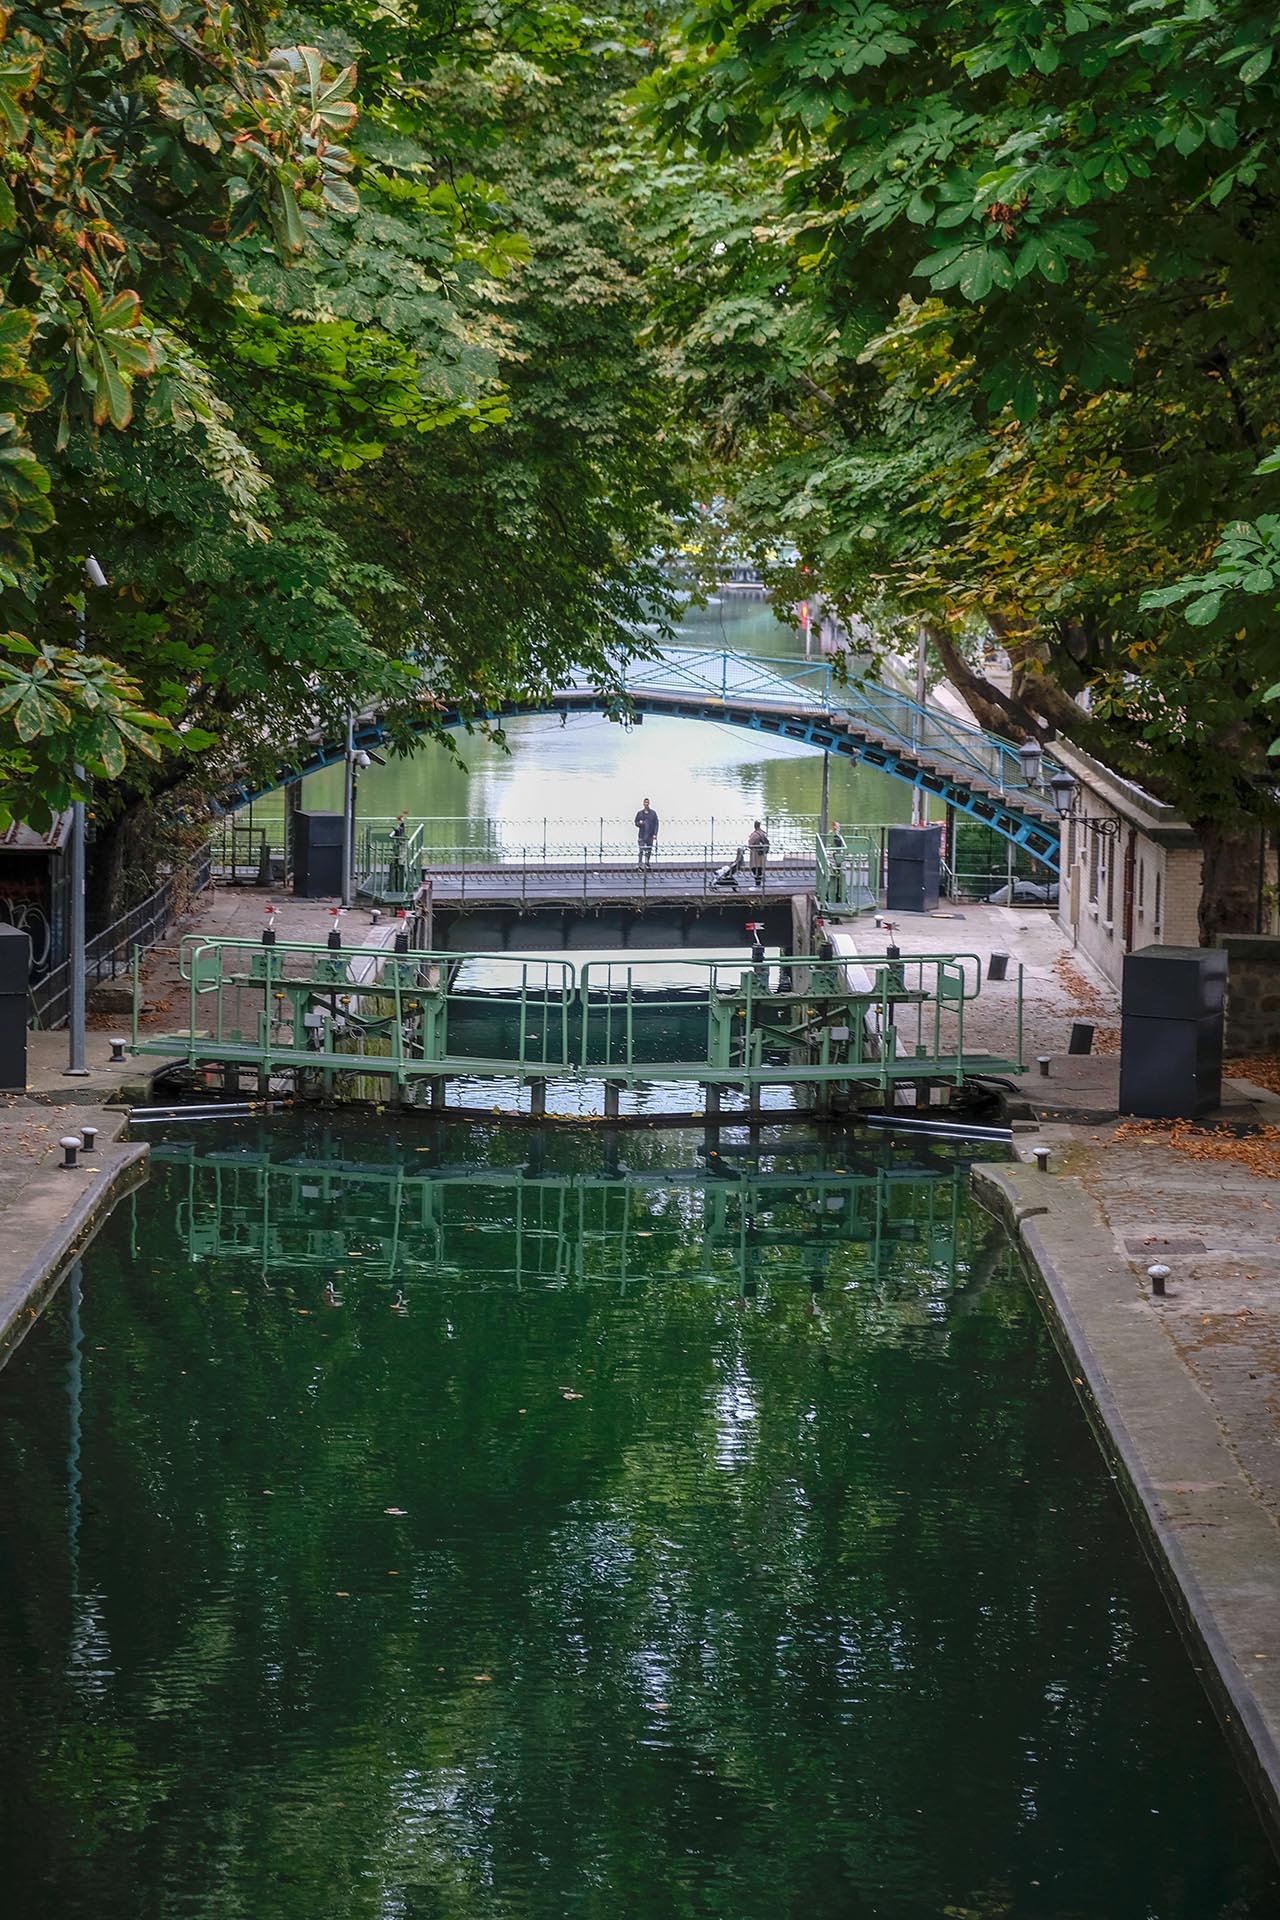 Synchroon-Circulair-Parijs-door-de-ogen-van-Synchroon-03